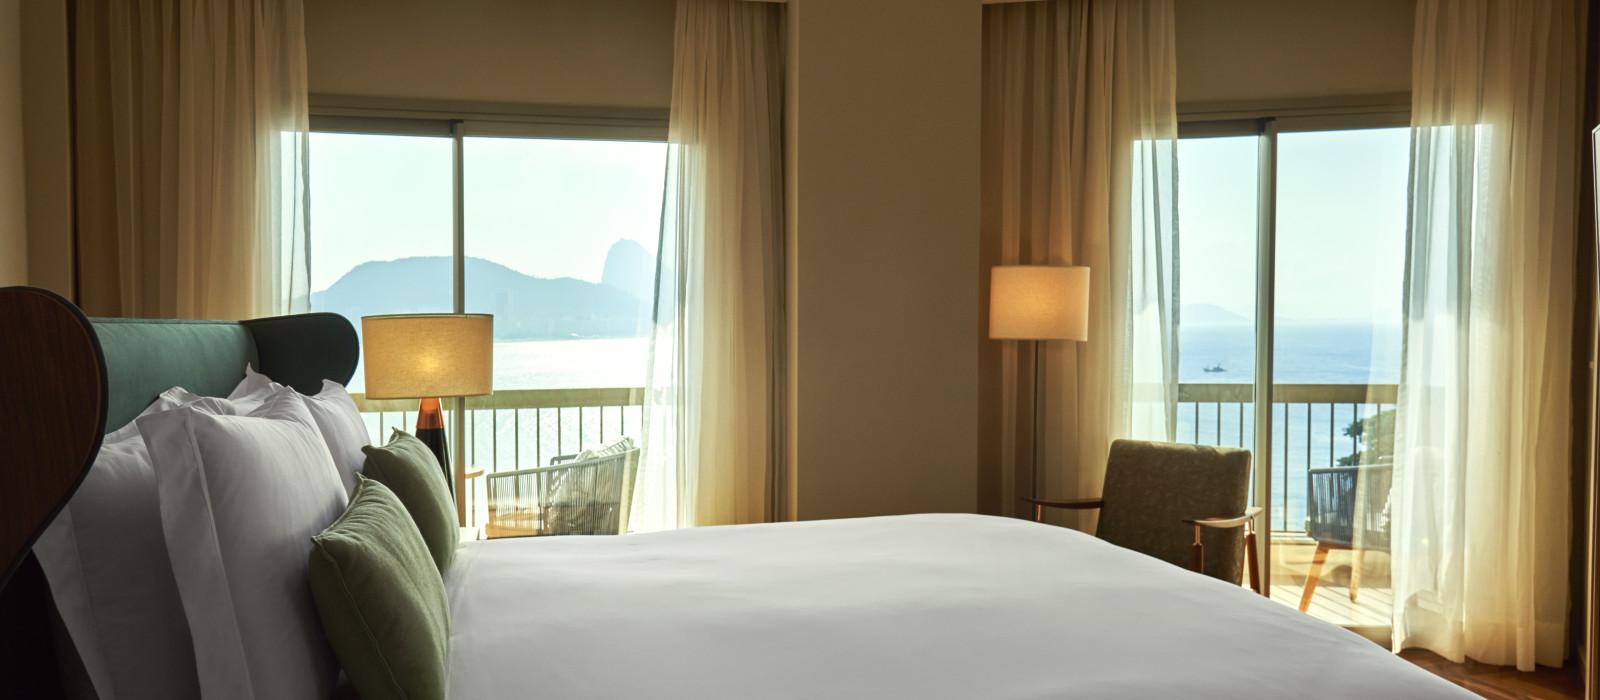 Hotel Fairmont Rio de Janeiro Copacabana Brasilien